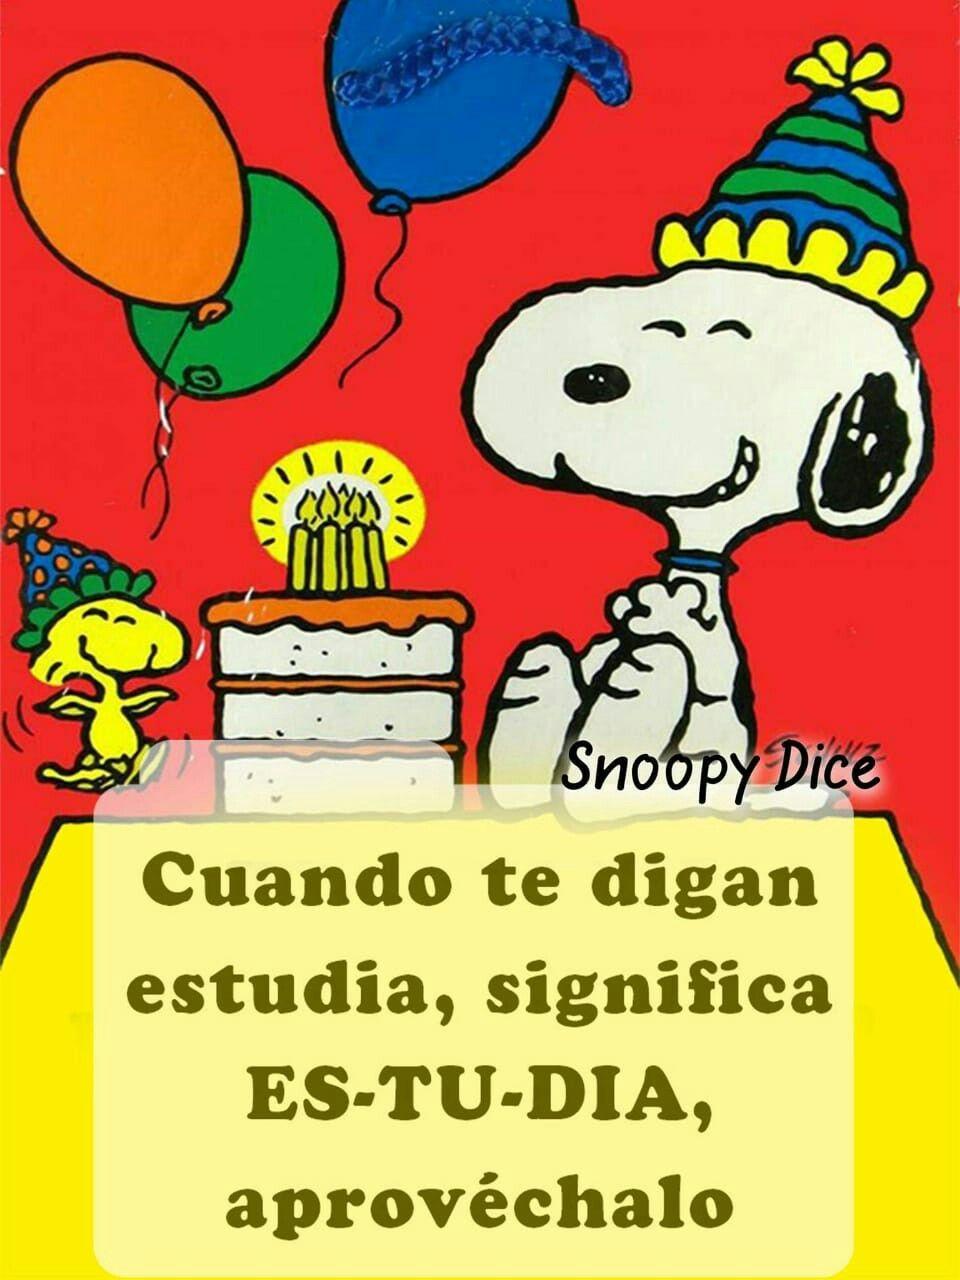 Pin de Maria H en Happy birthday snoopy images Feliz